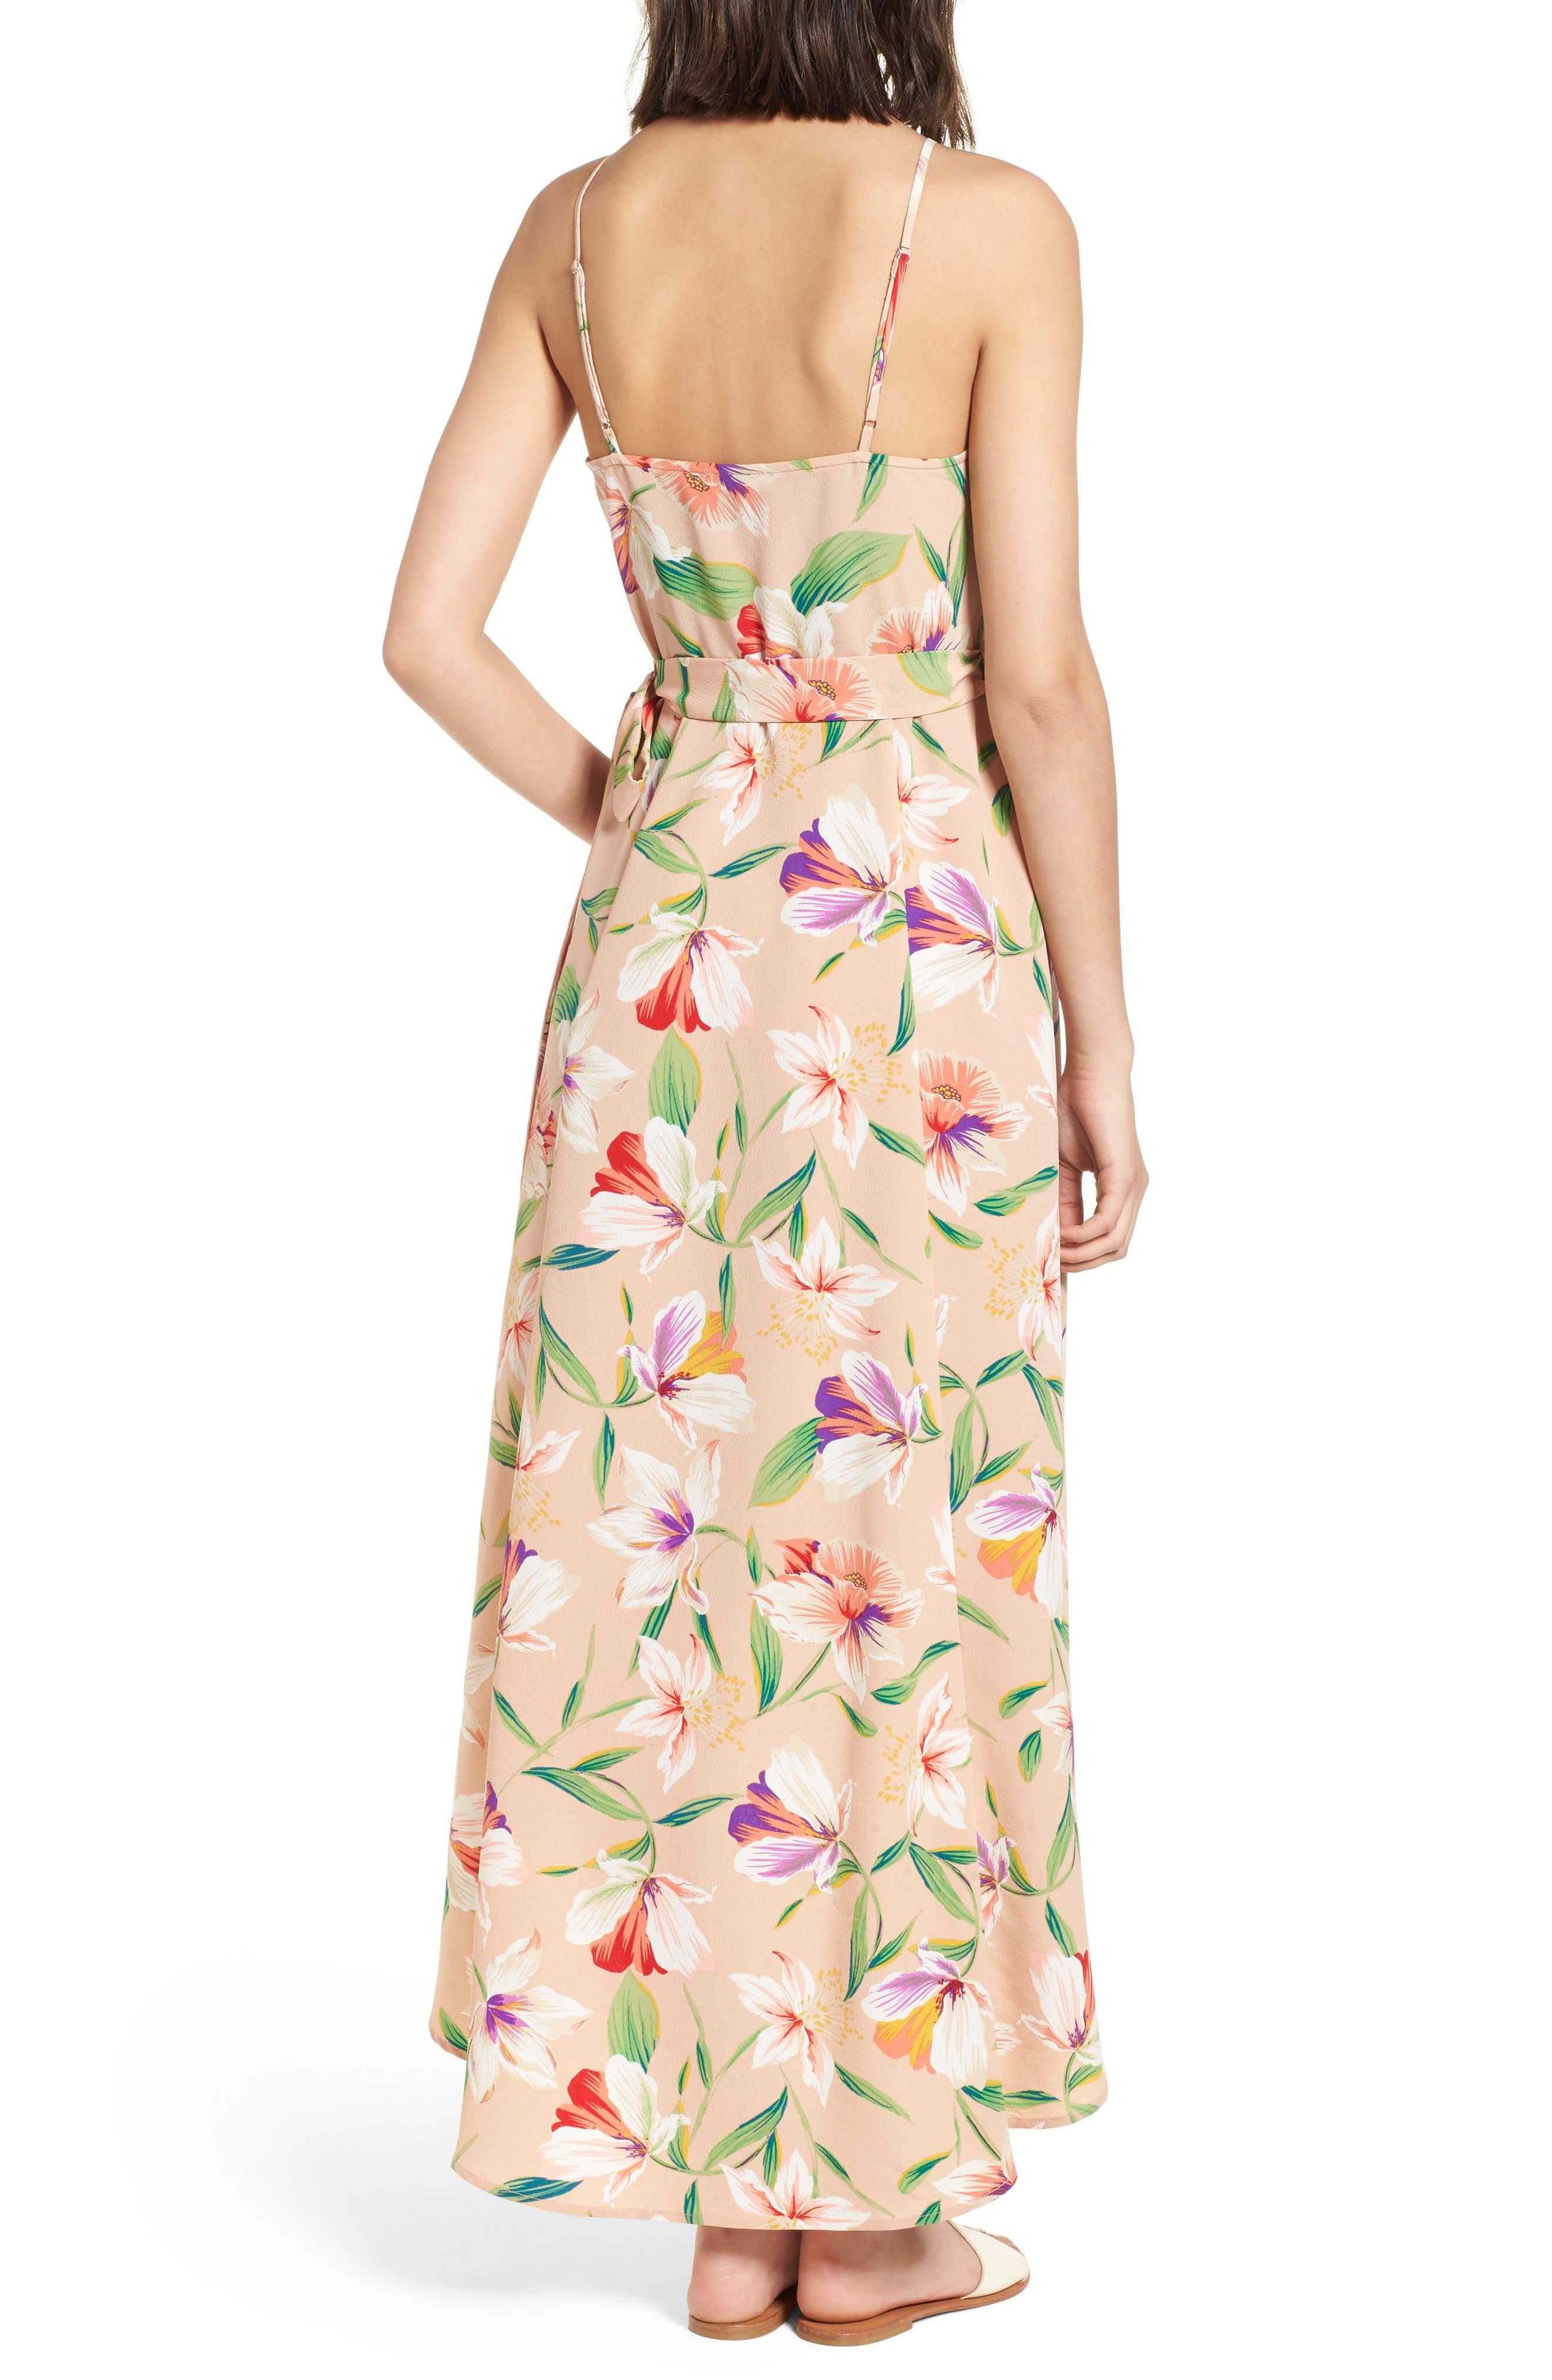 Floral Wrap Maxi Dress,                             Alternate thumbnail 2, color,                             Mocha-Multi Floral